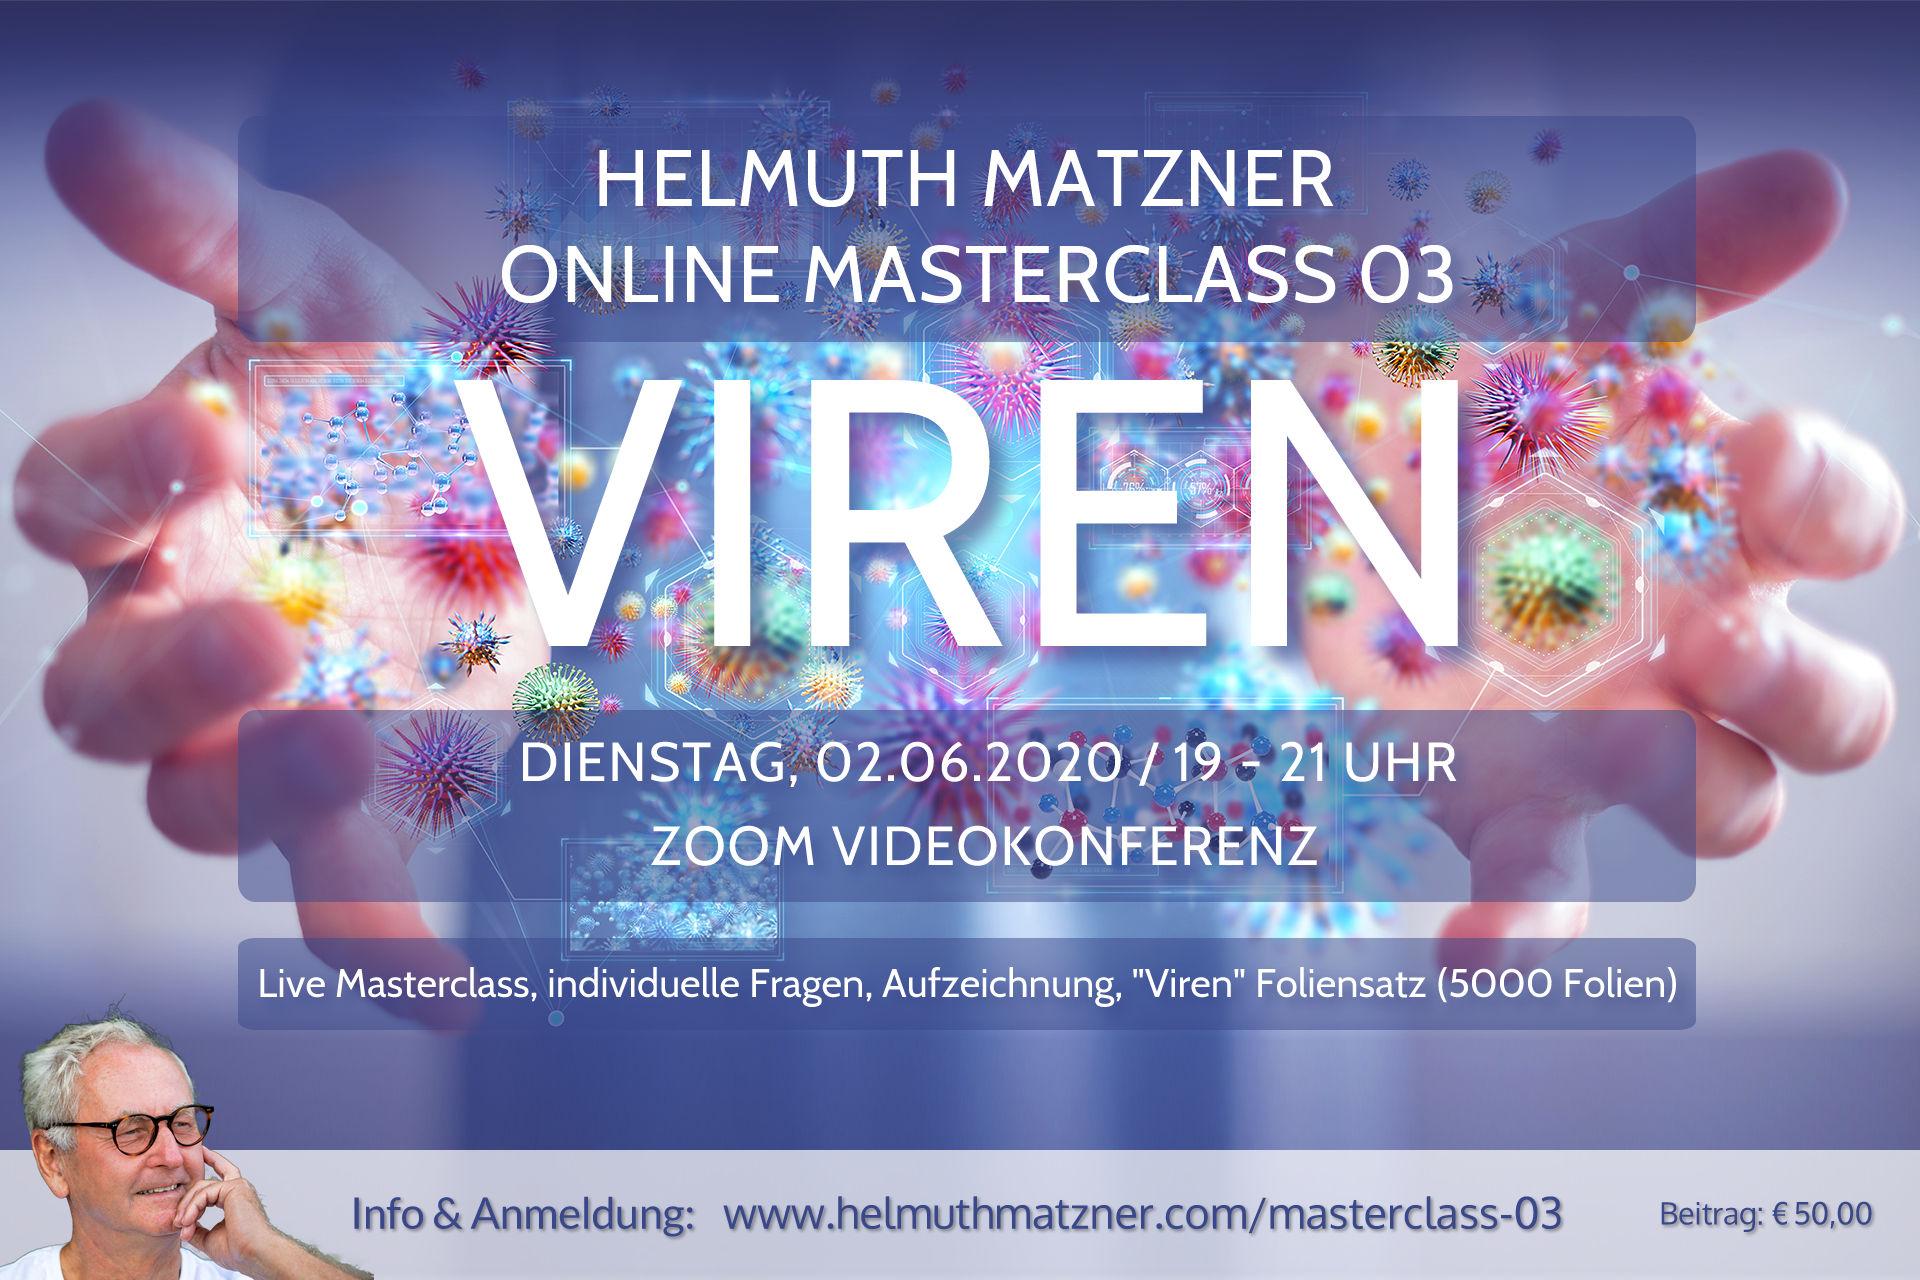 Helmuth Matzner - Online Masterclass 03 - Viren - Web Banner 1